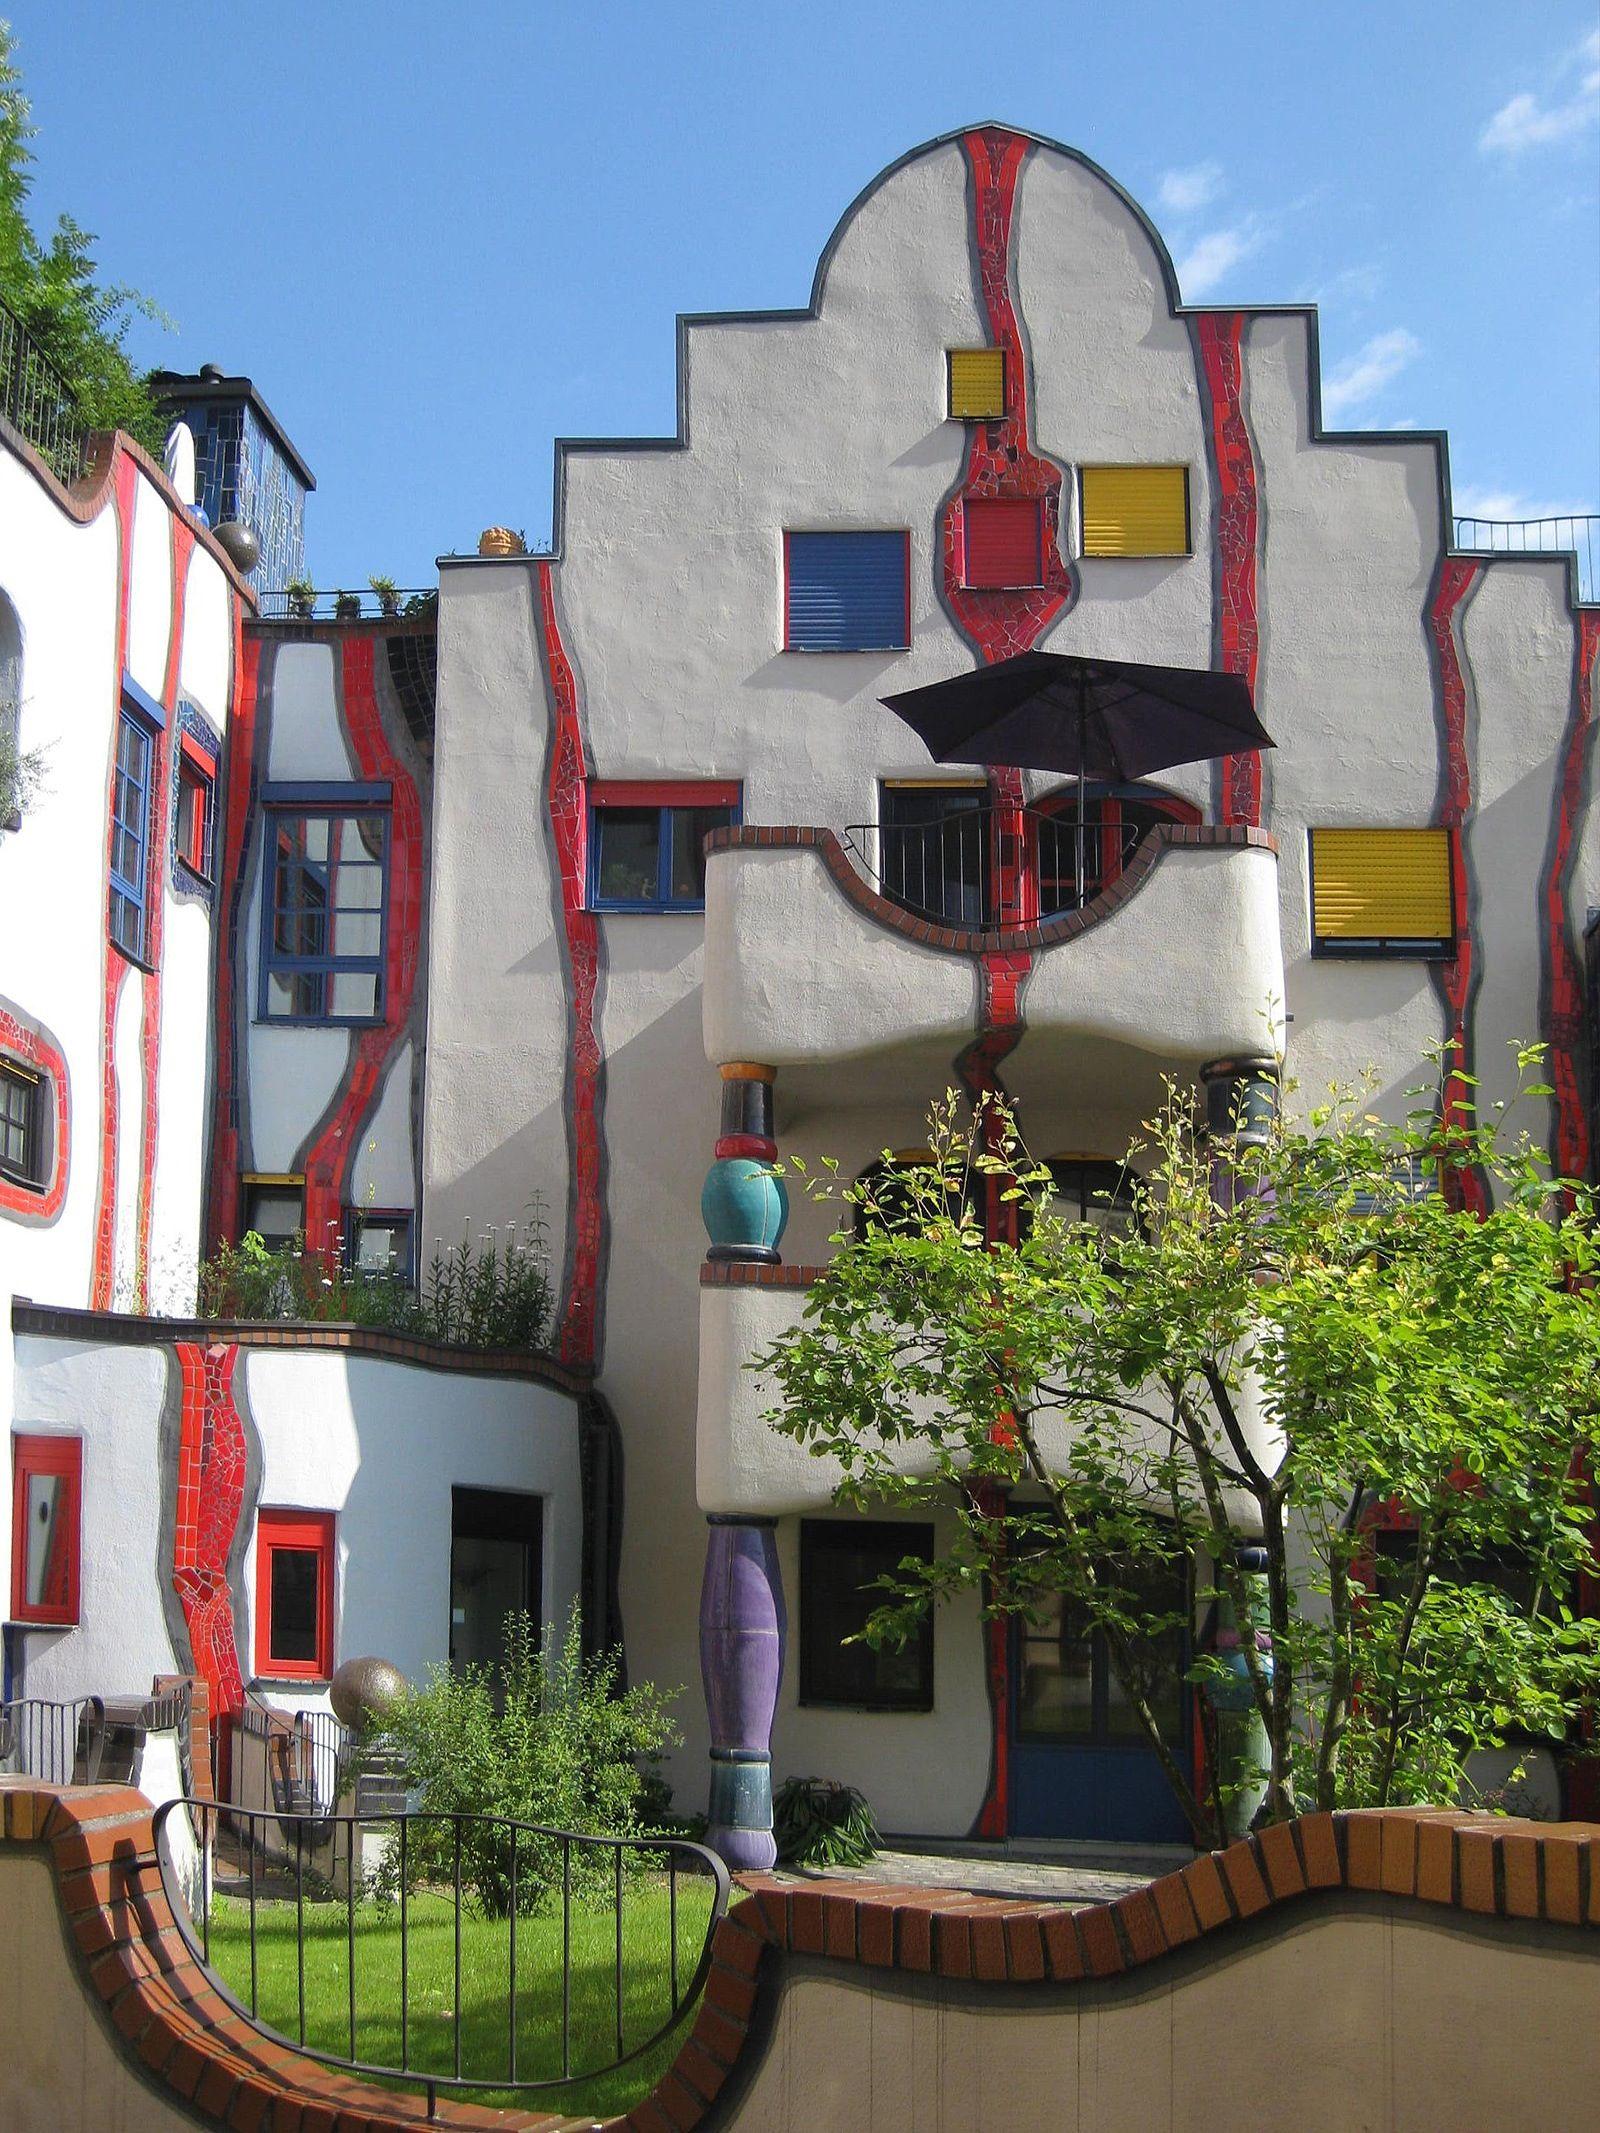 Hundertwasser haus Vienna, Austria. Hundertwasser